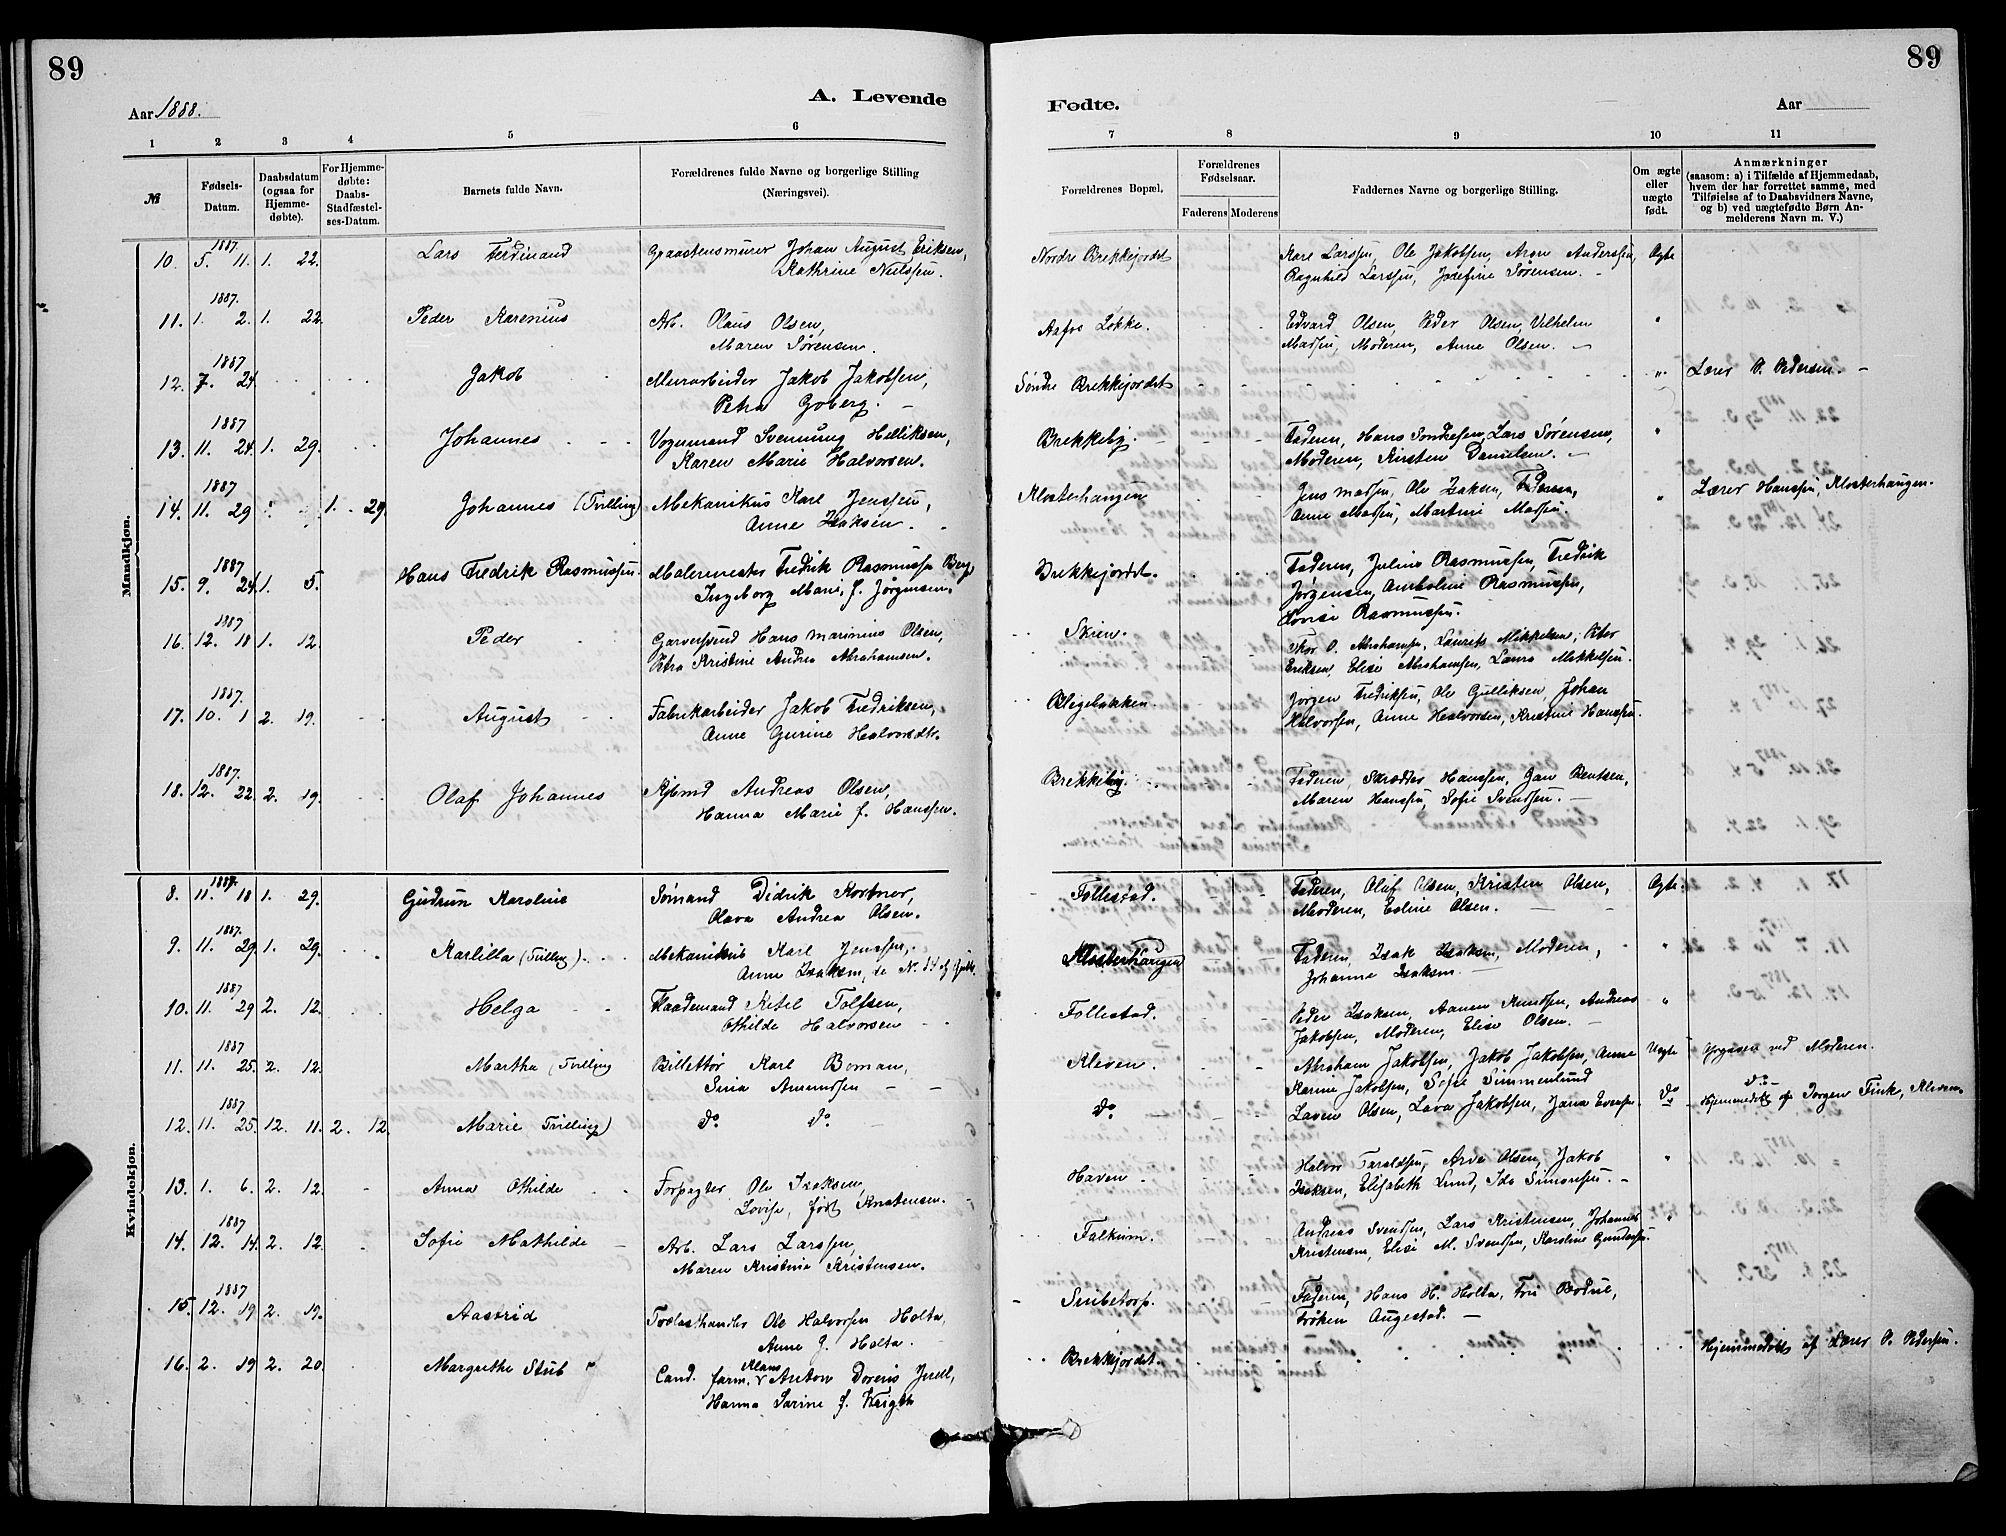 SAKO, Skien kirkebøker, G/Ga/L0006: Klokkerbok nr. 6, 1881-1890, s. 89